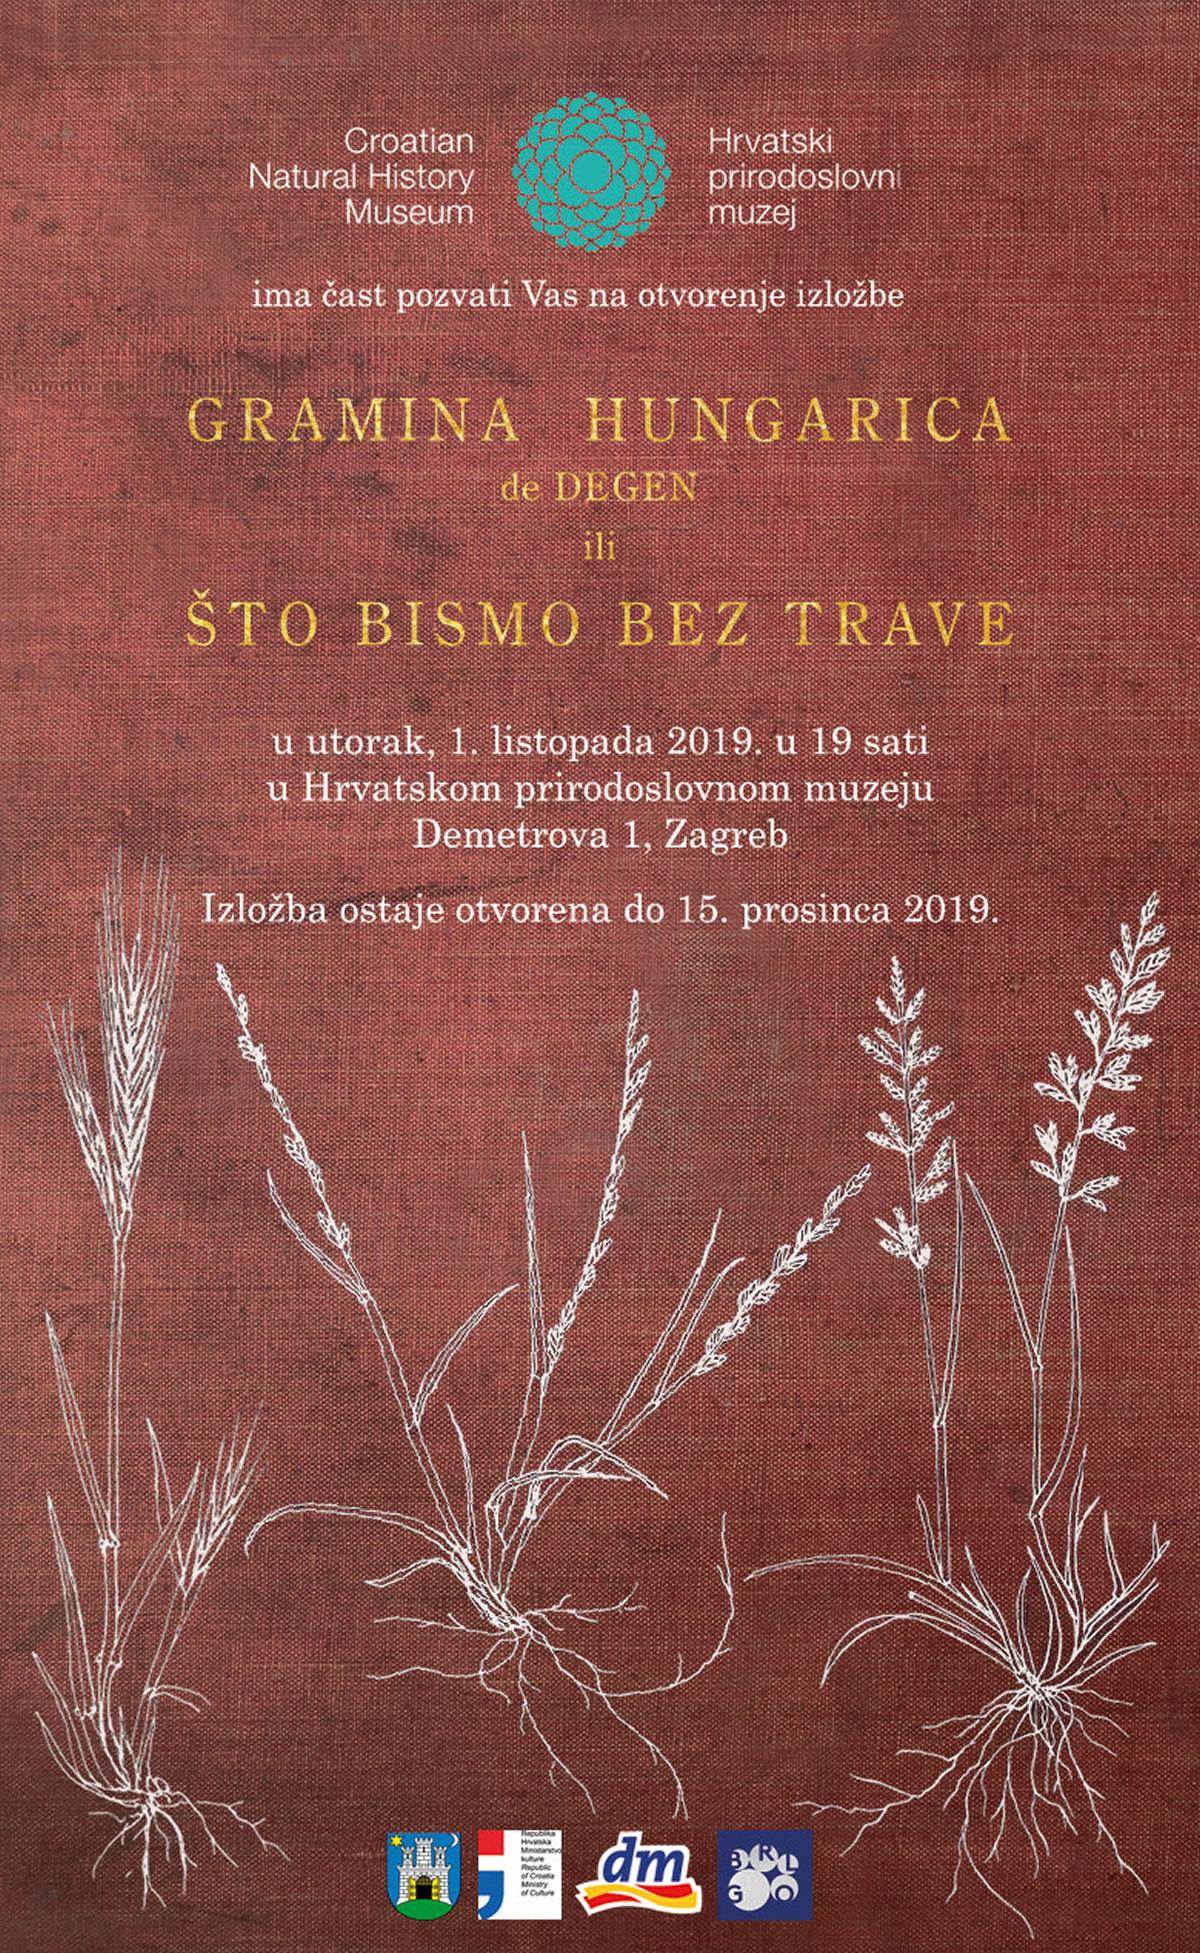 Gramina Hungarica de Degen ili što bismo bez trave / Hrvatski prirodoslovni muzej